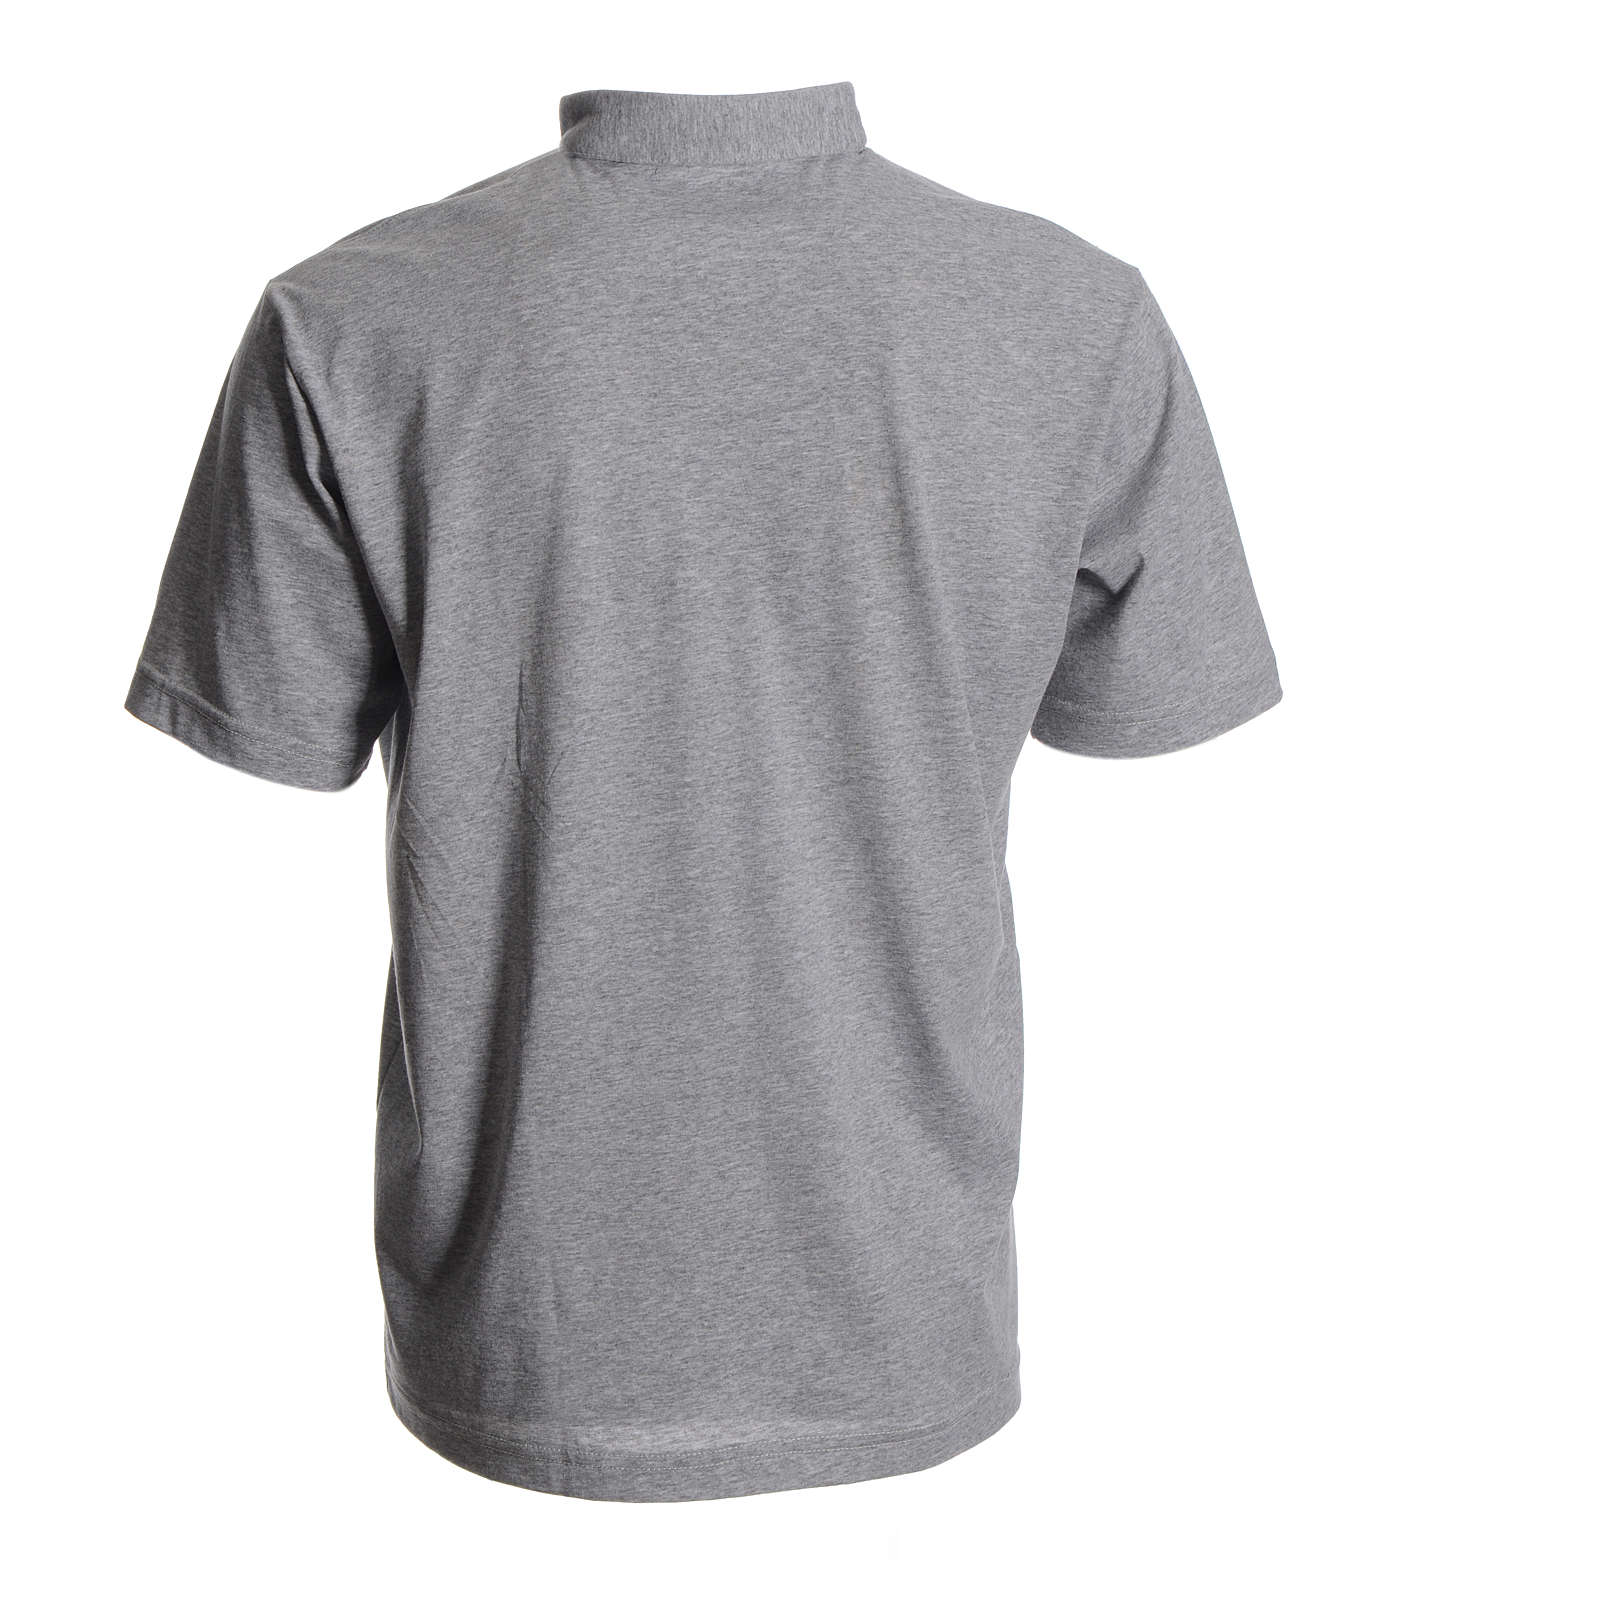 Clergyman polo shirt in grey, 100% cotton 4